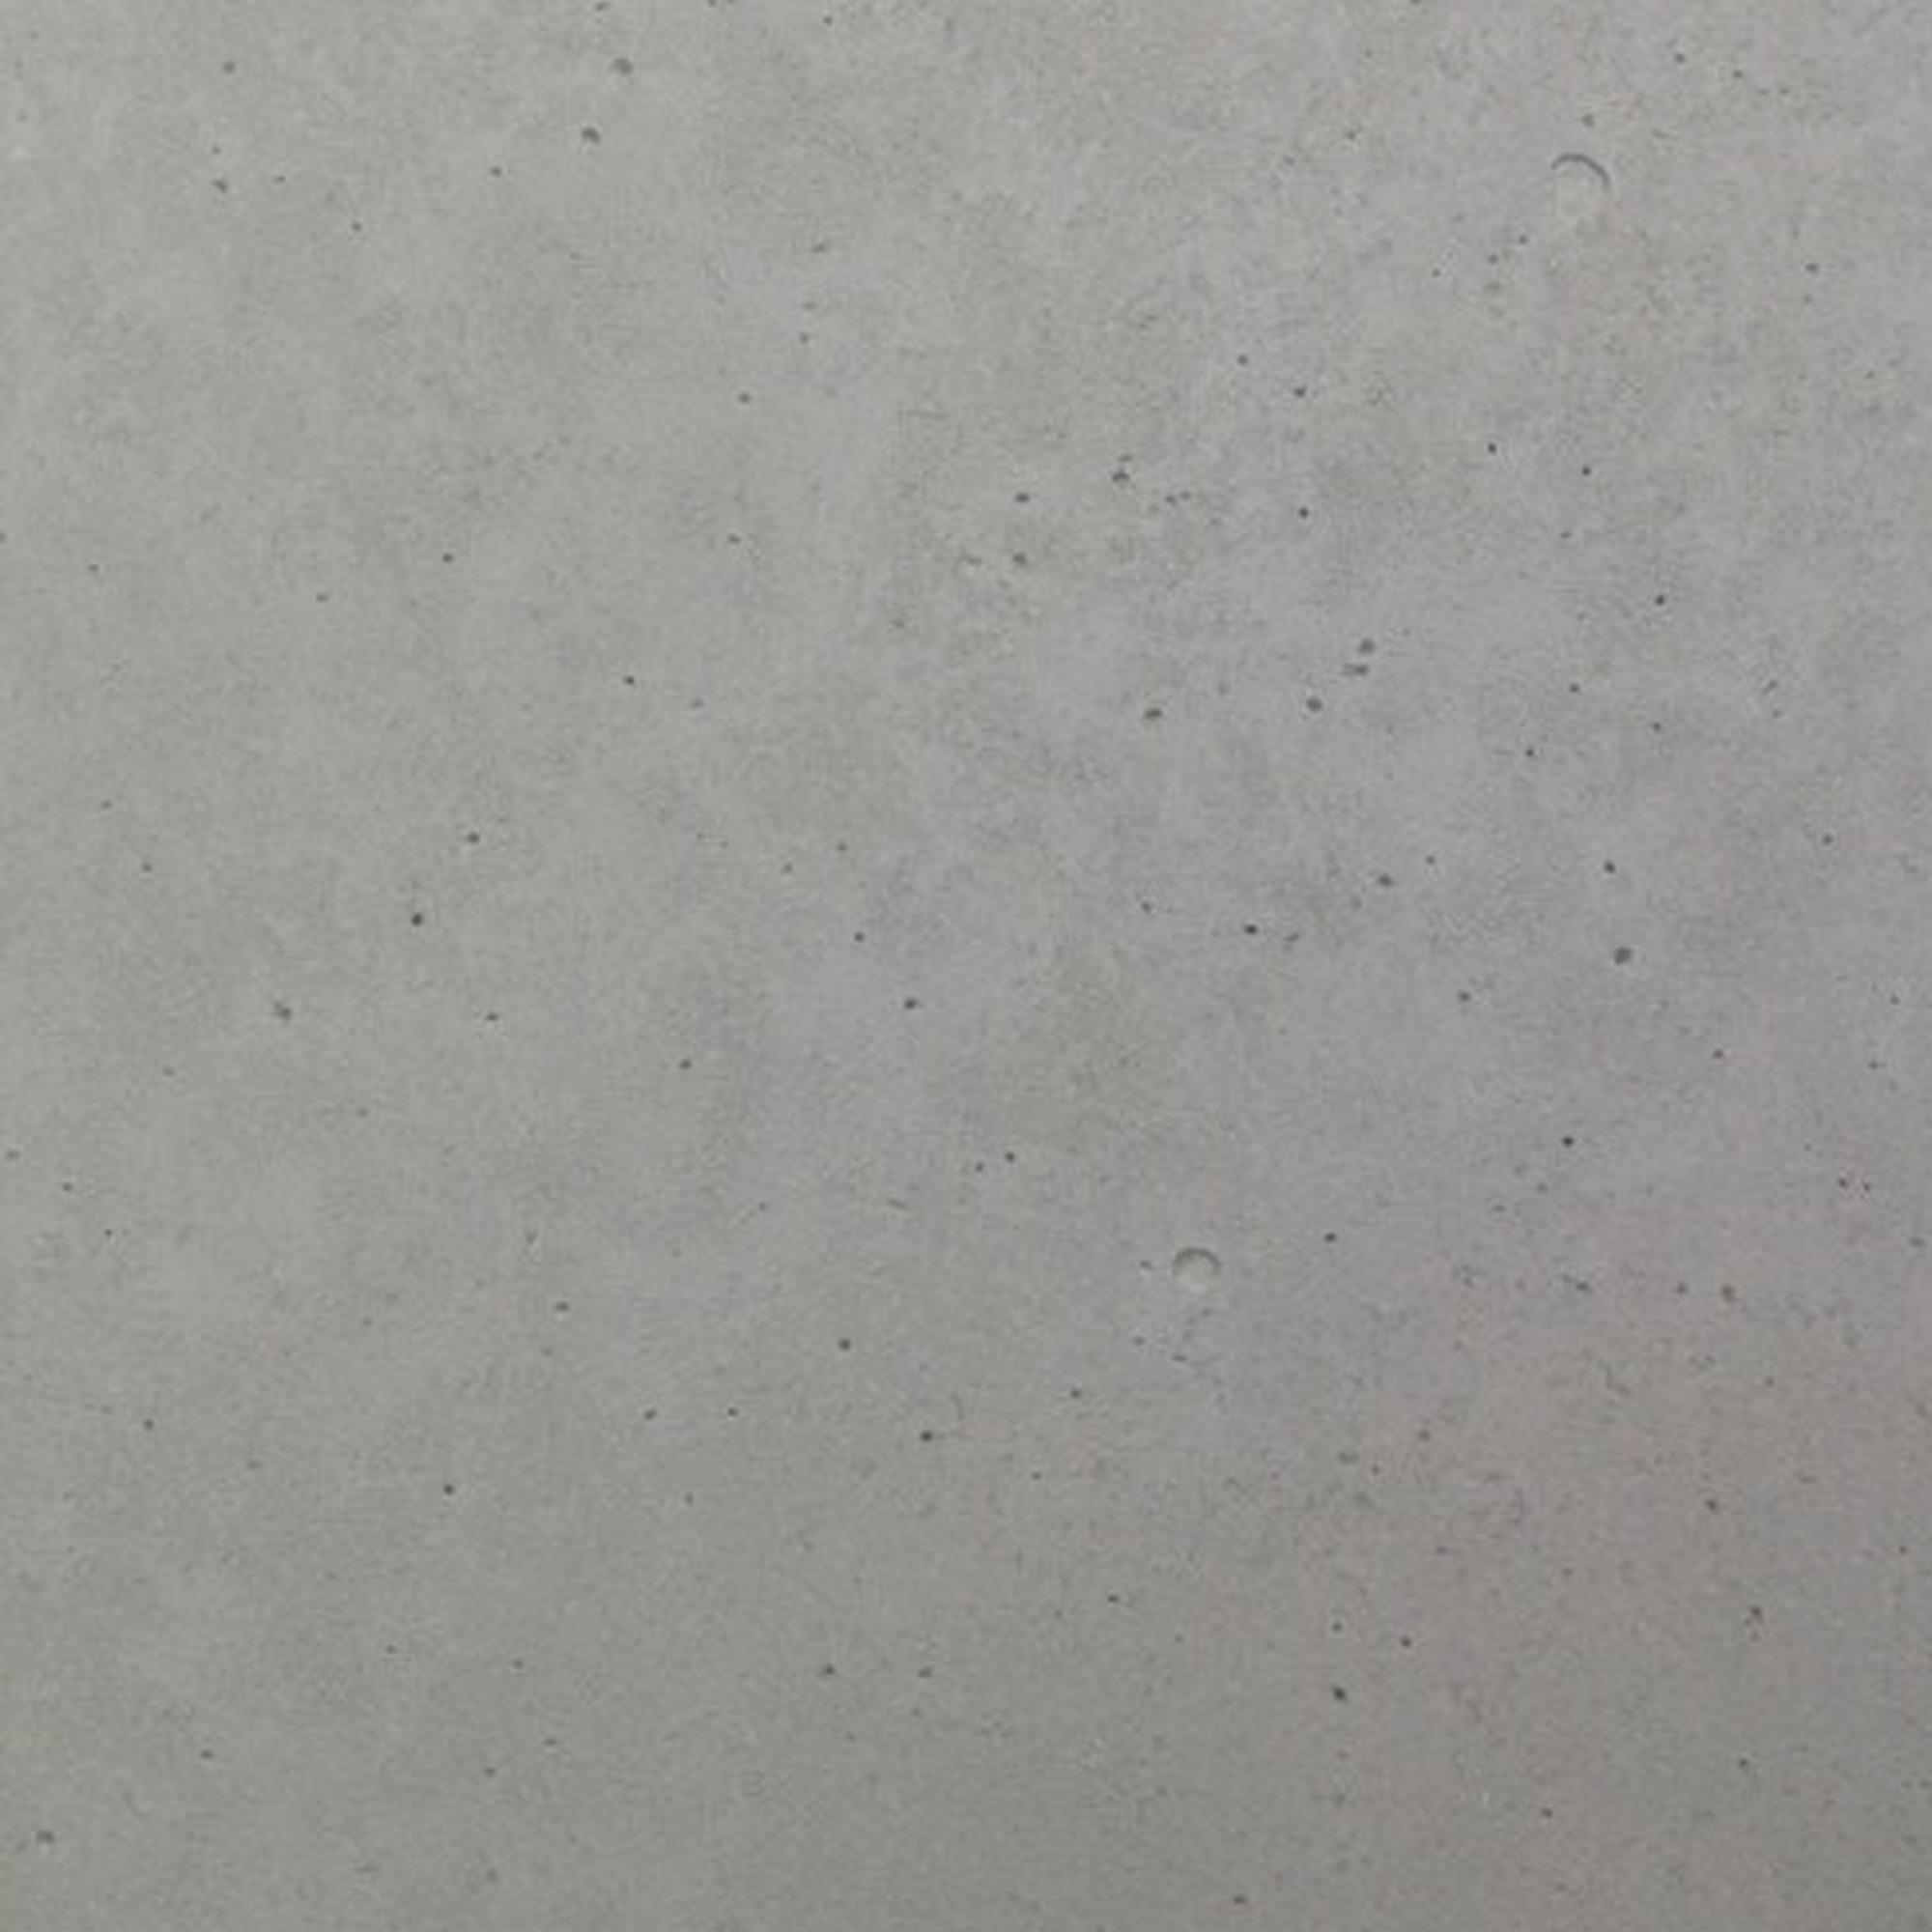 carousel-conclad-finiture-grigio30.jpg